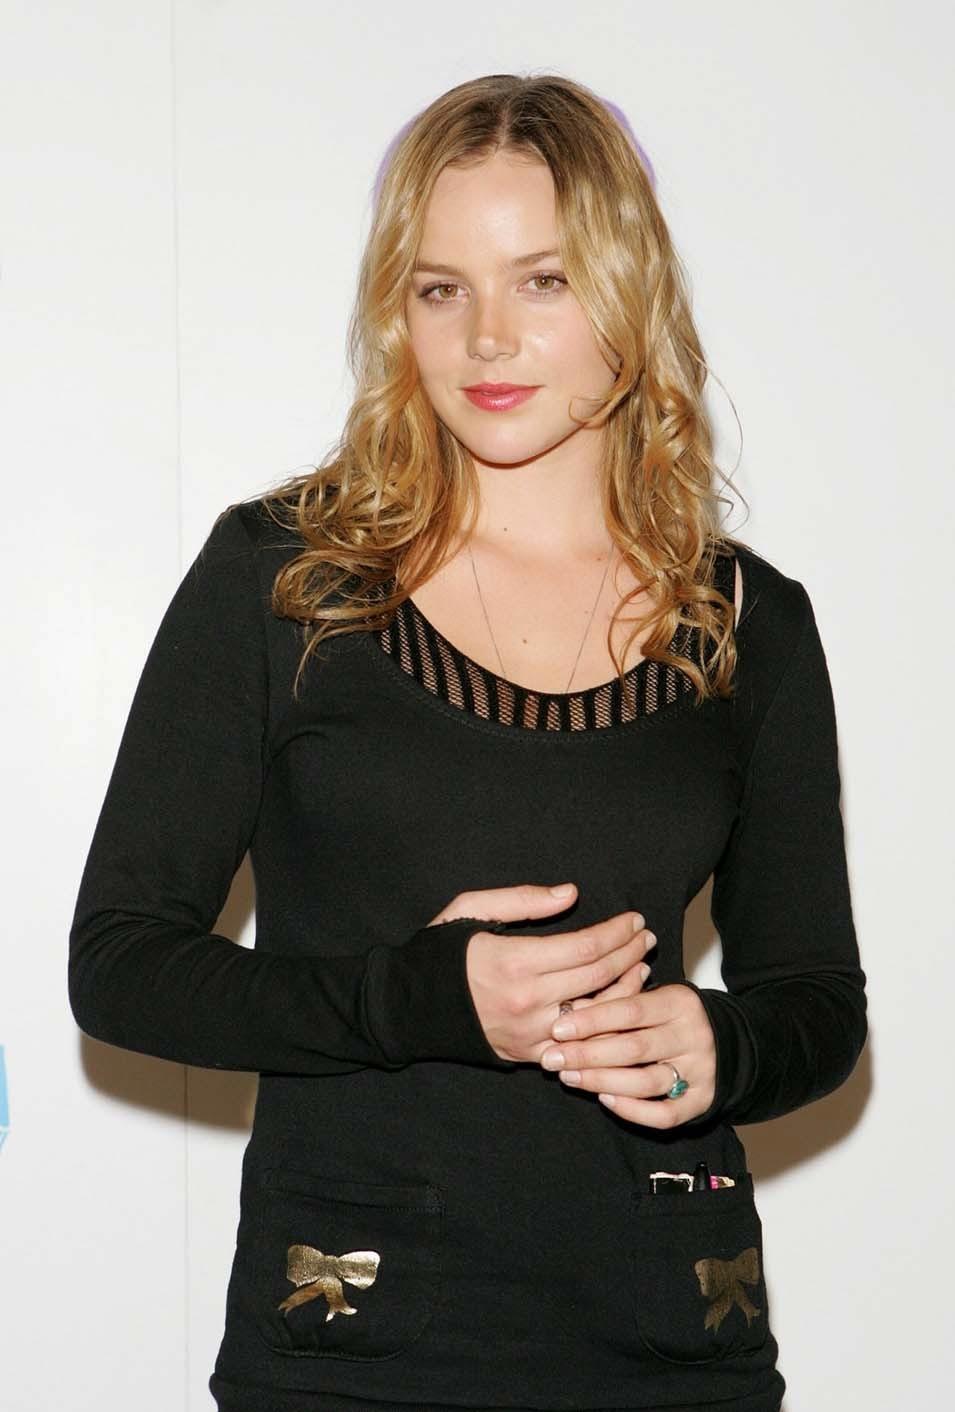 actress Abbie Co...Abbie Cornish Actress